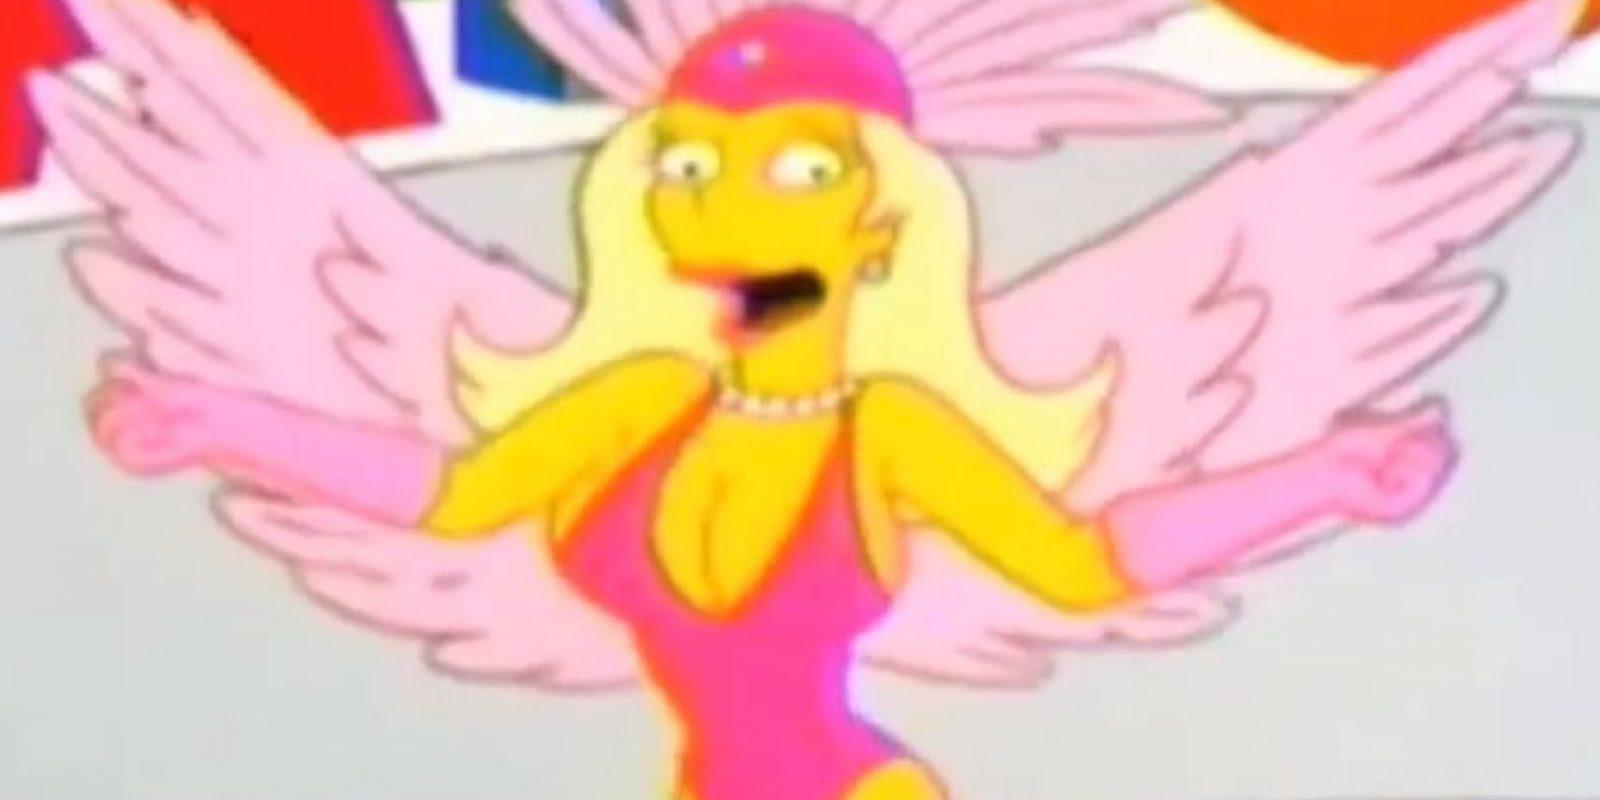 """En el episodio de 2002 de """"Los Simpsons"""" llamado """"La Culpa es de Lisa"""", ellos viajan a Brasil. Allí se reforzaron todos los estereotipos del país. Los que más causaron indignación en el país sudamericano fueron los referentes al programa que ve Bart, """"Telemelones"""", donde aparece una mujer muy parecida a la estrella Xuxa meneando sus senos en un programa infantil. Foto:Fox"""